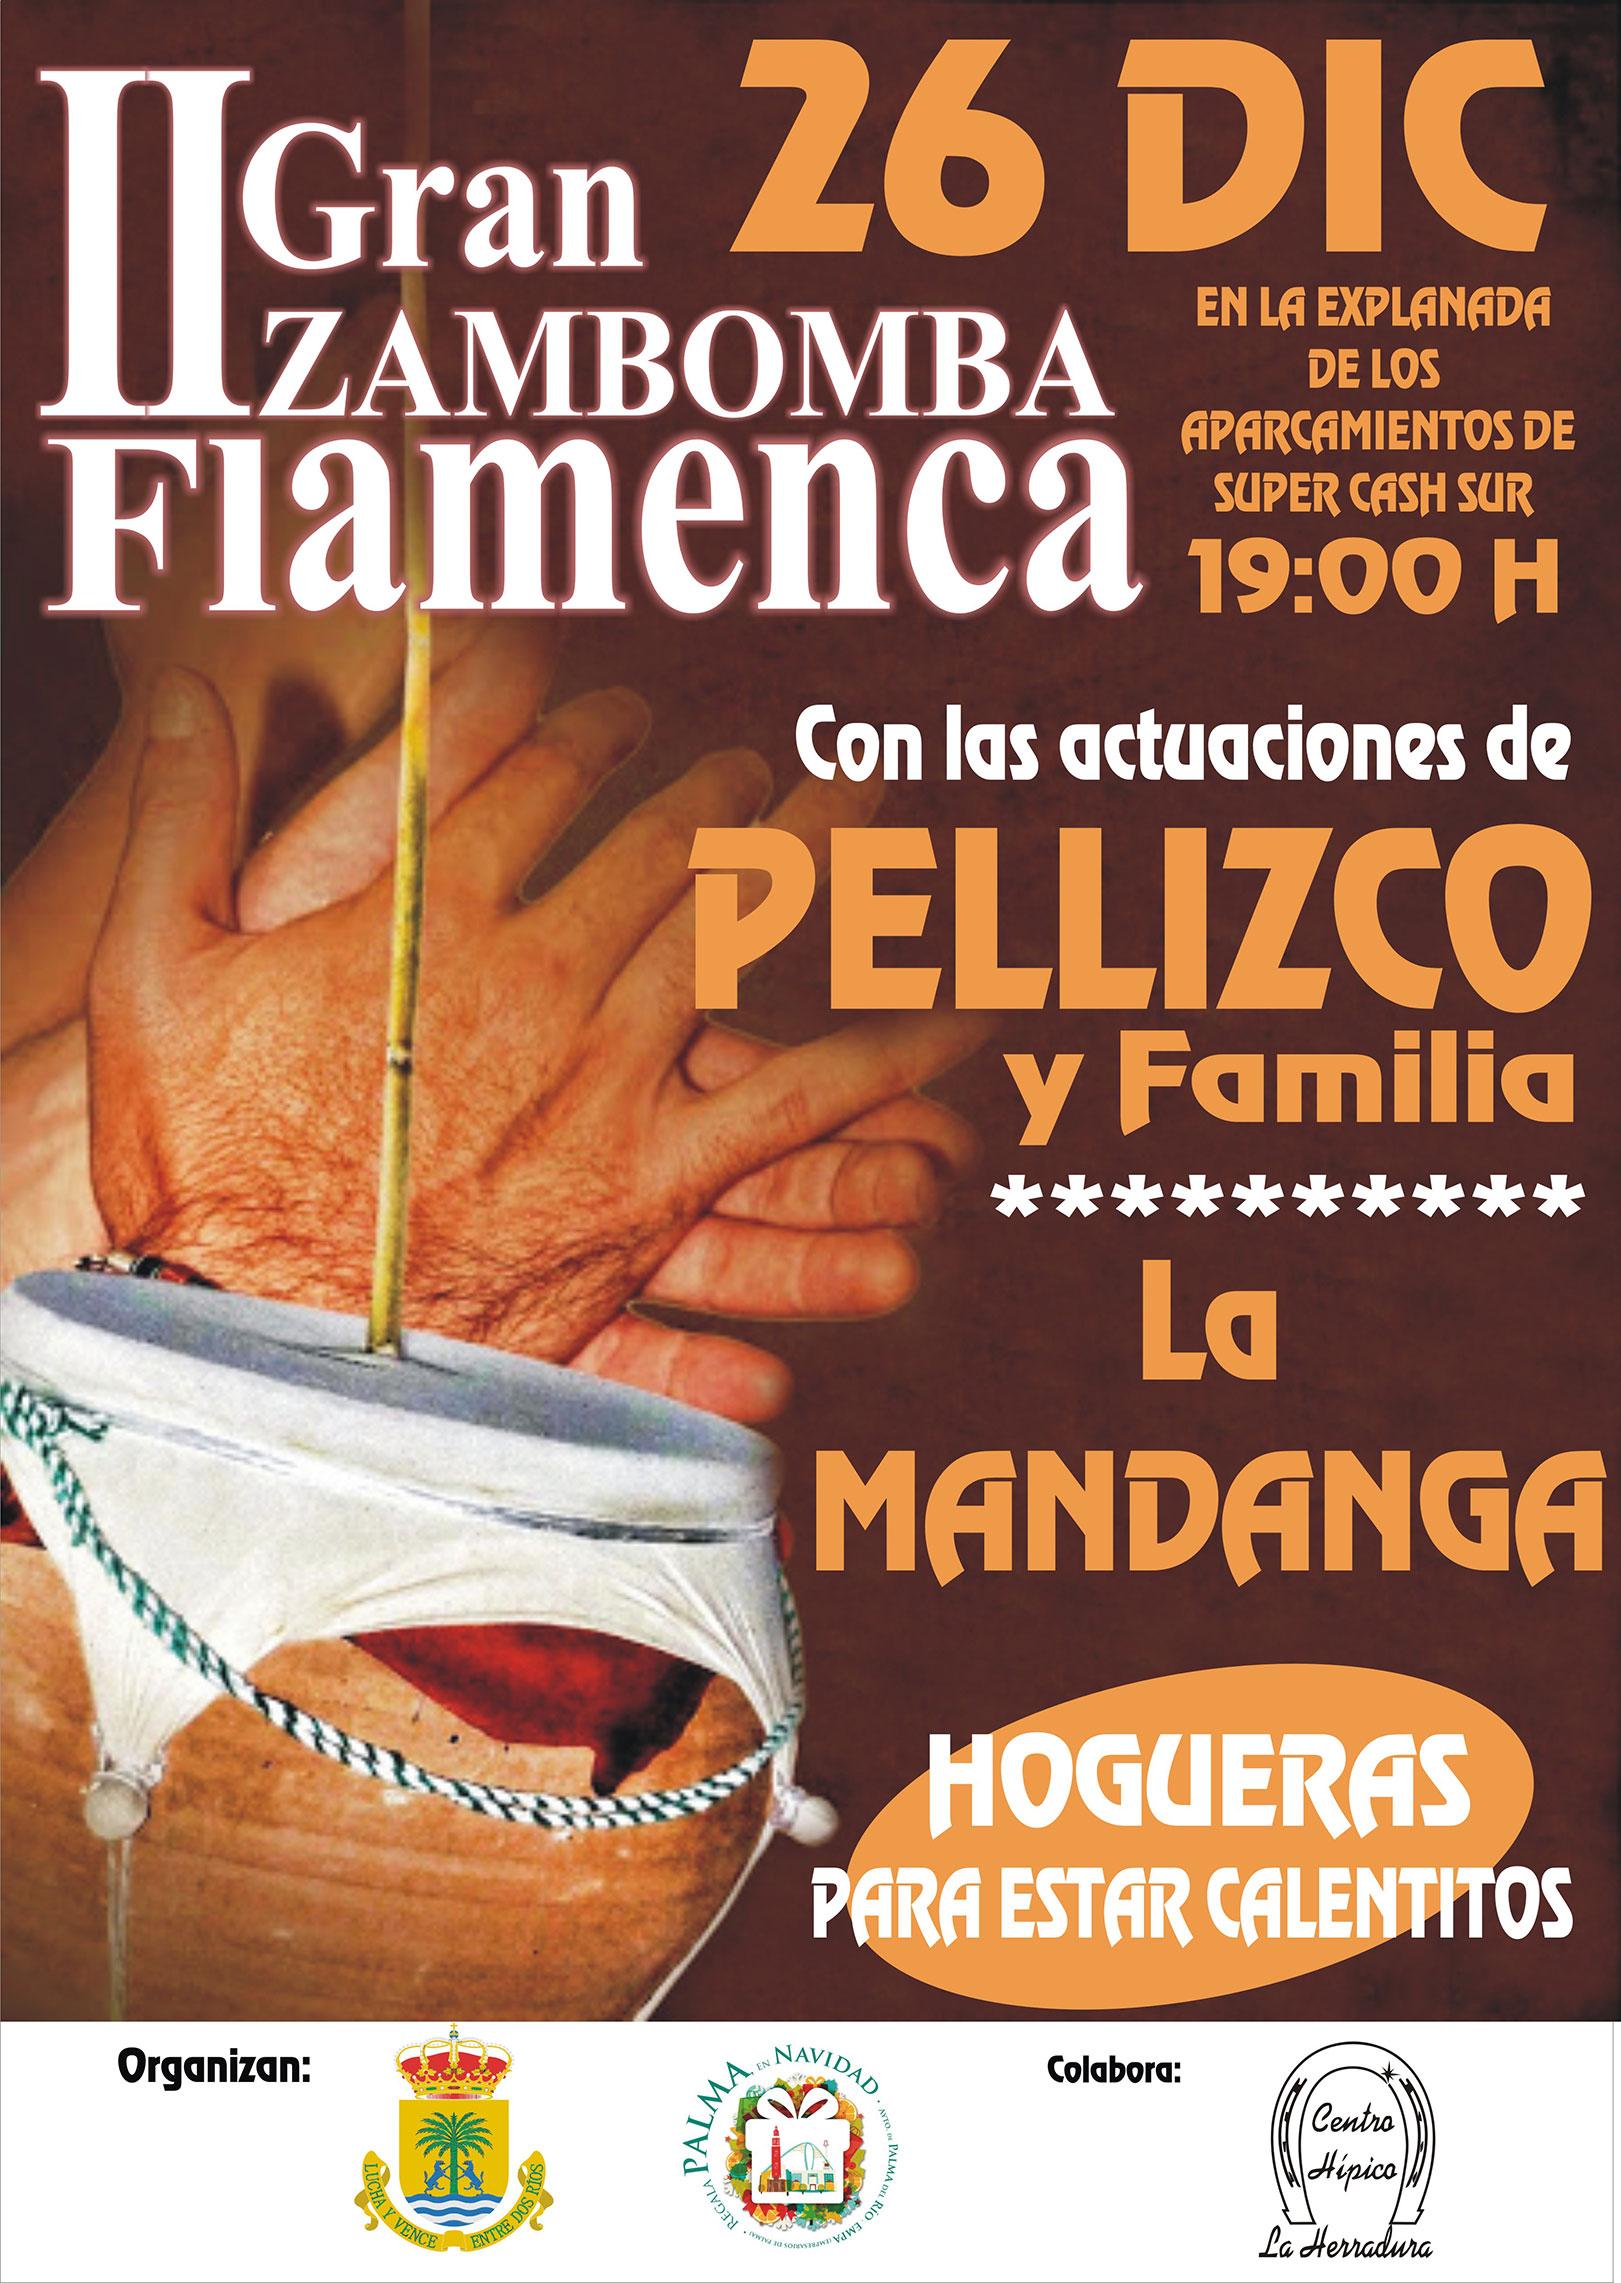 https://www.palmadelrio.es/sites/default/files/zambombaweb2015.jpg